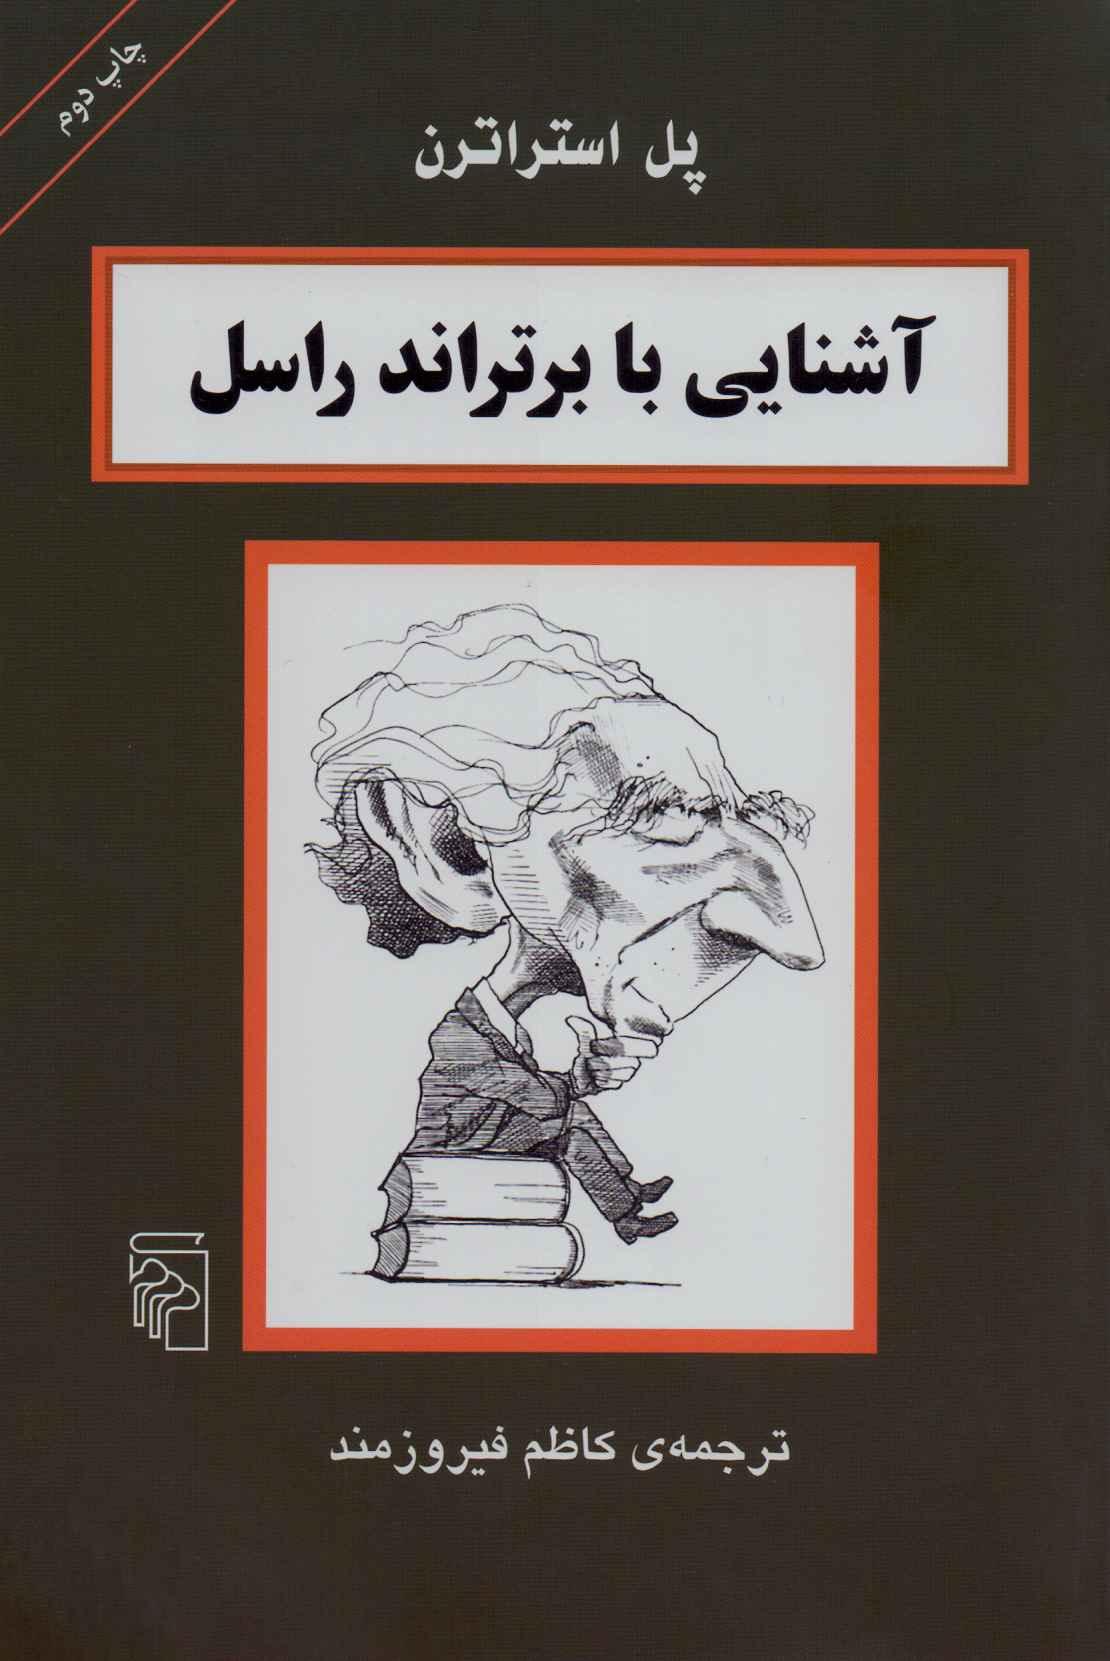 کتاب آشنایی با برتراند راسل